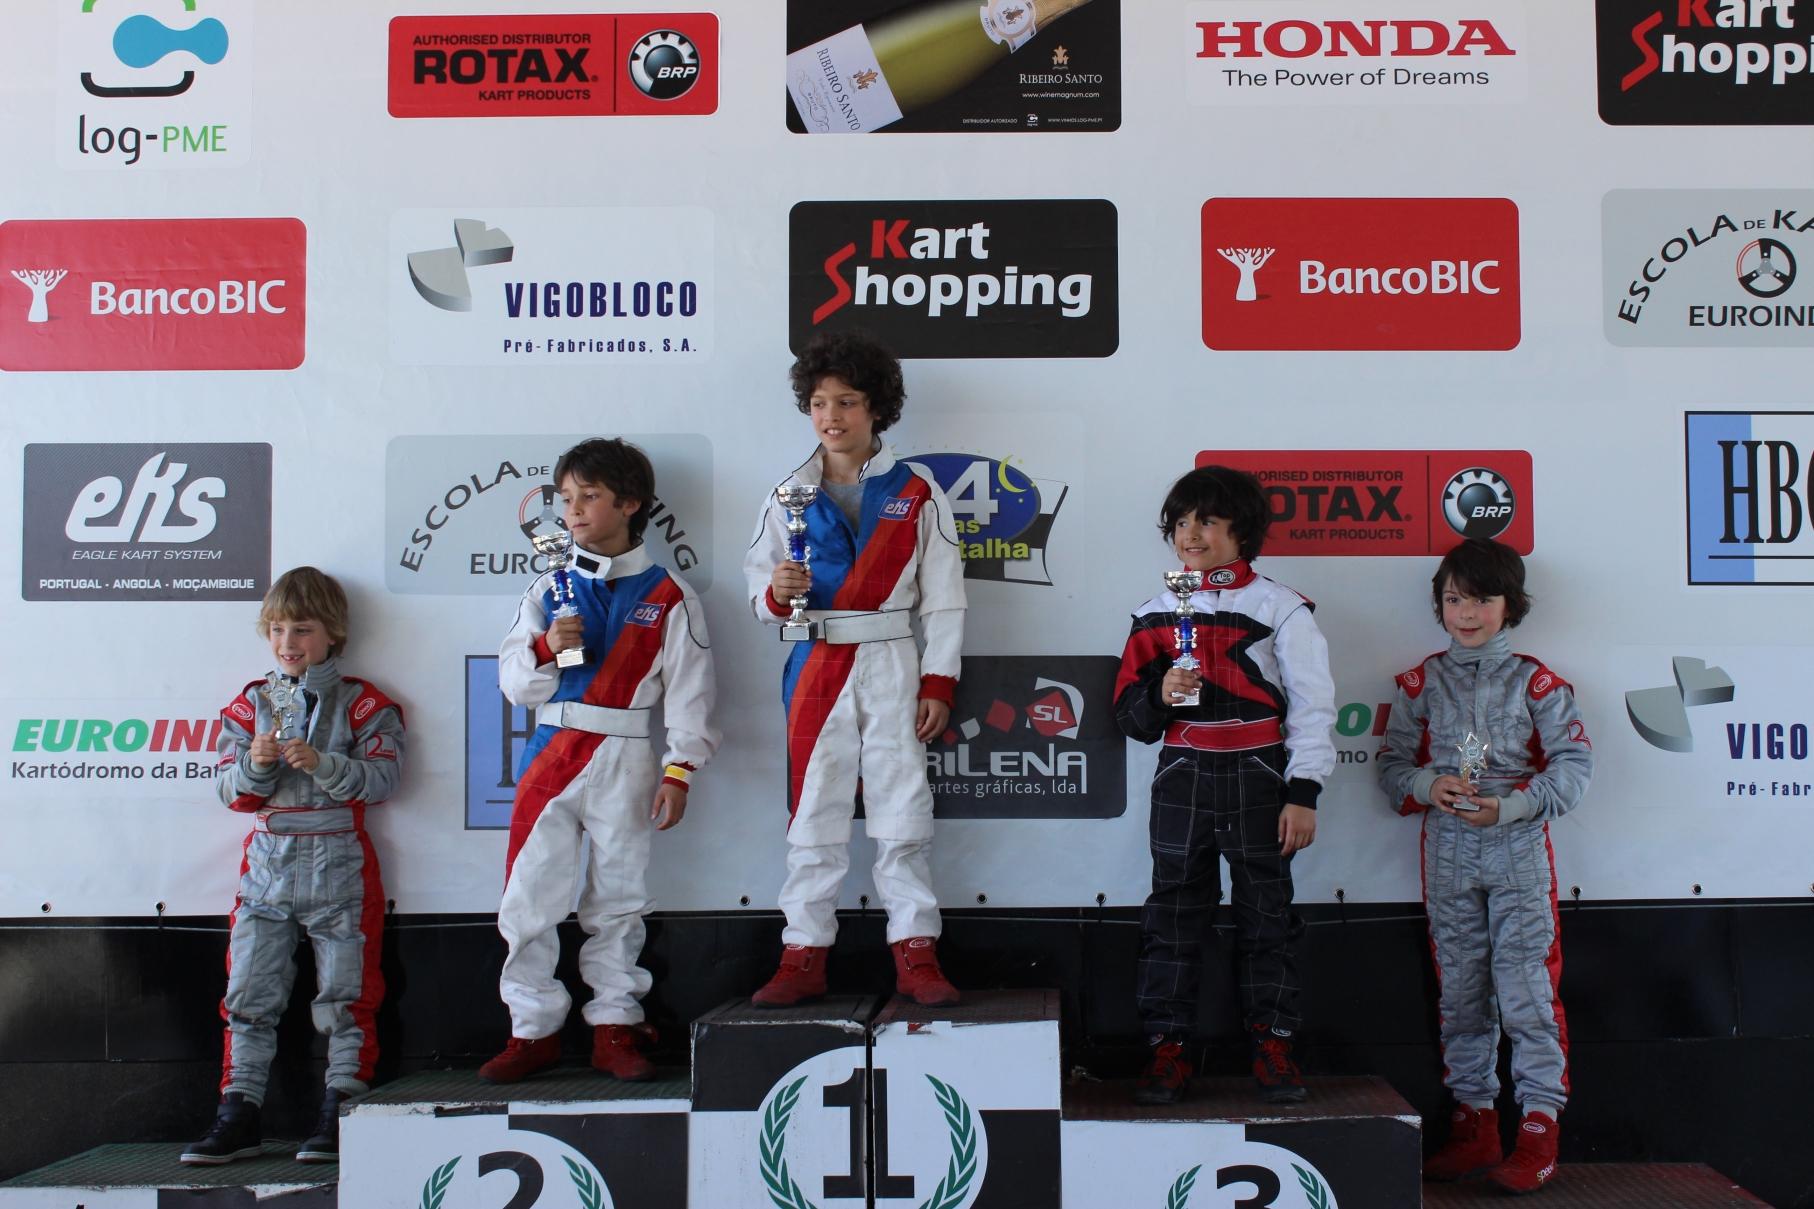 Troféu Honda 2014 - 1ª Prova27